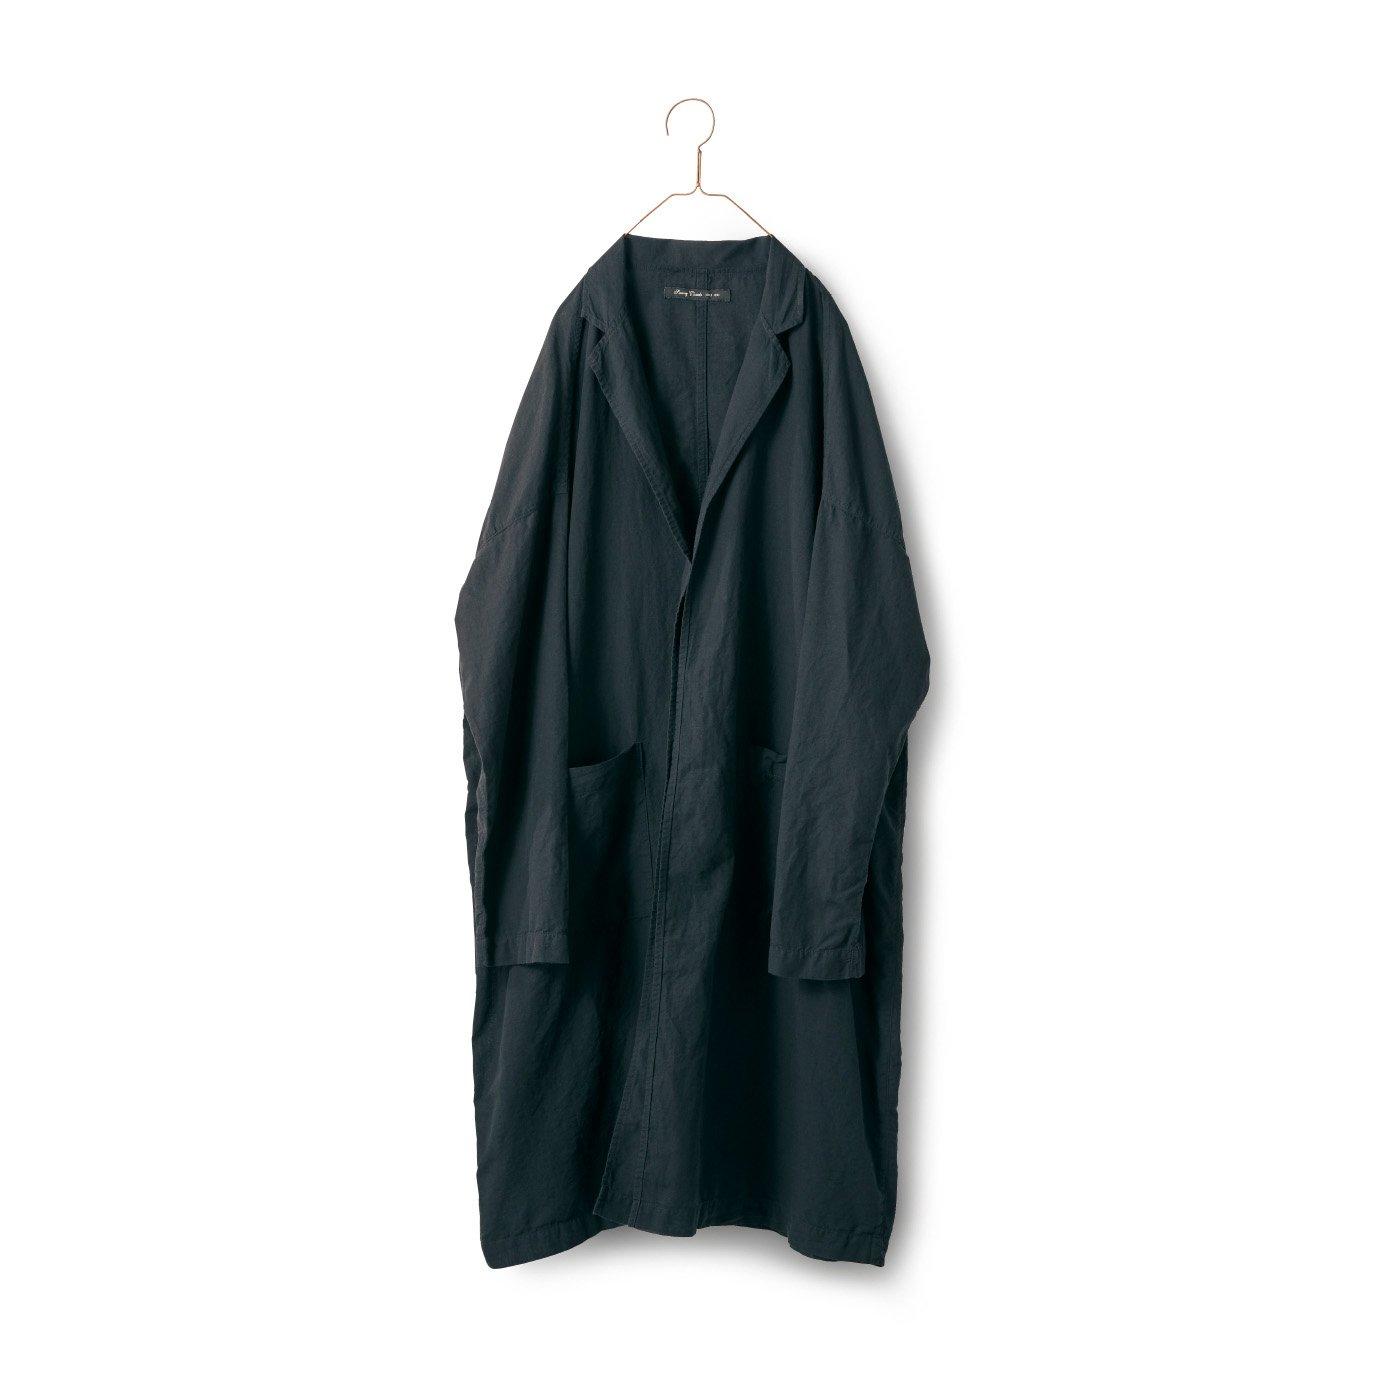 サニークラウズ 極薄コート〈メンズ〉黒